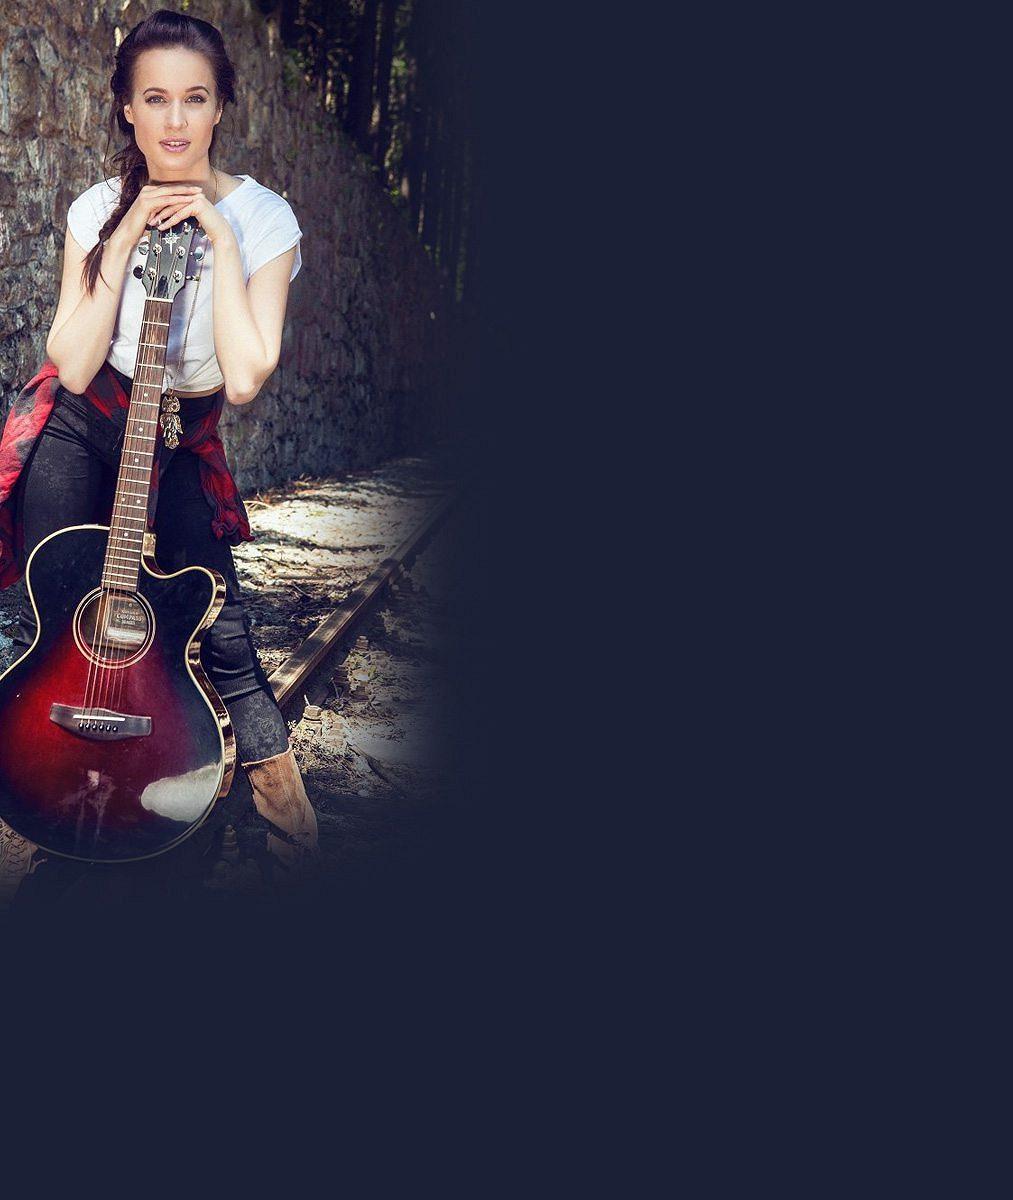 Půvabná slovenská zpěvačka vypadá jako mladší verze Kláry Doležalové z Primy. Souhlasíte?